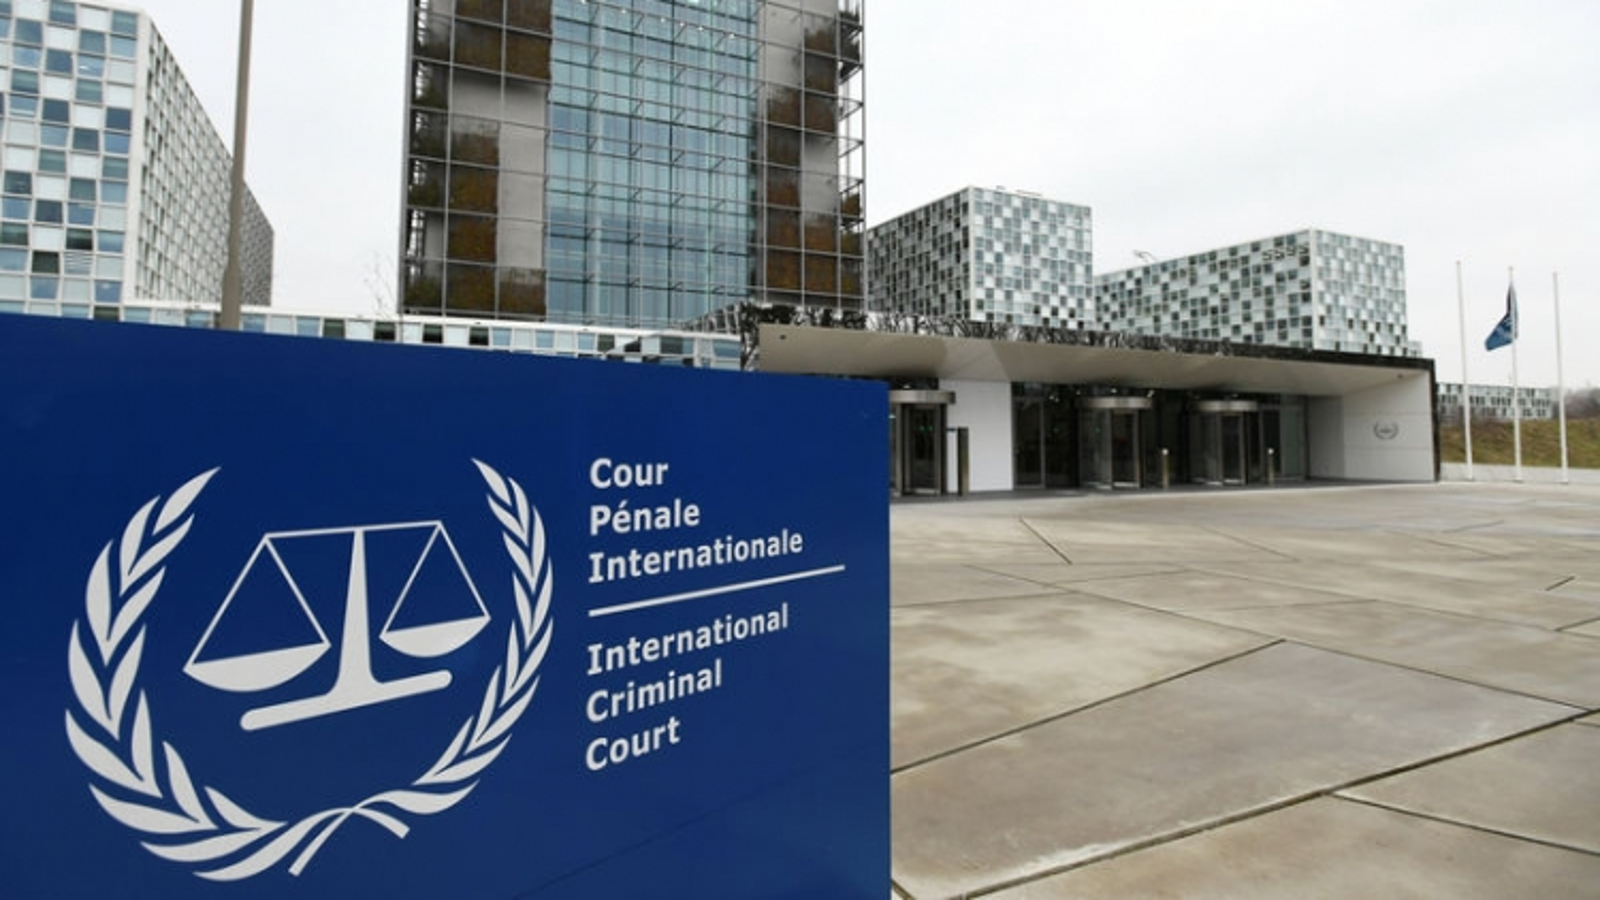 Quốc tế phản ứng với quyết định Mỹ trừng phạt hoạt động điều tra của ICC